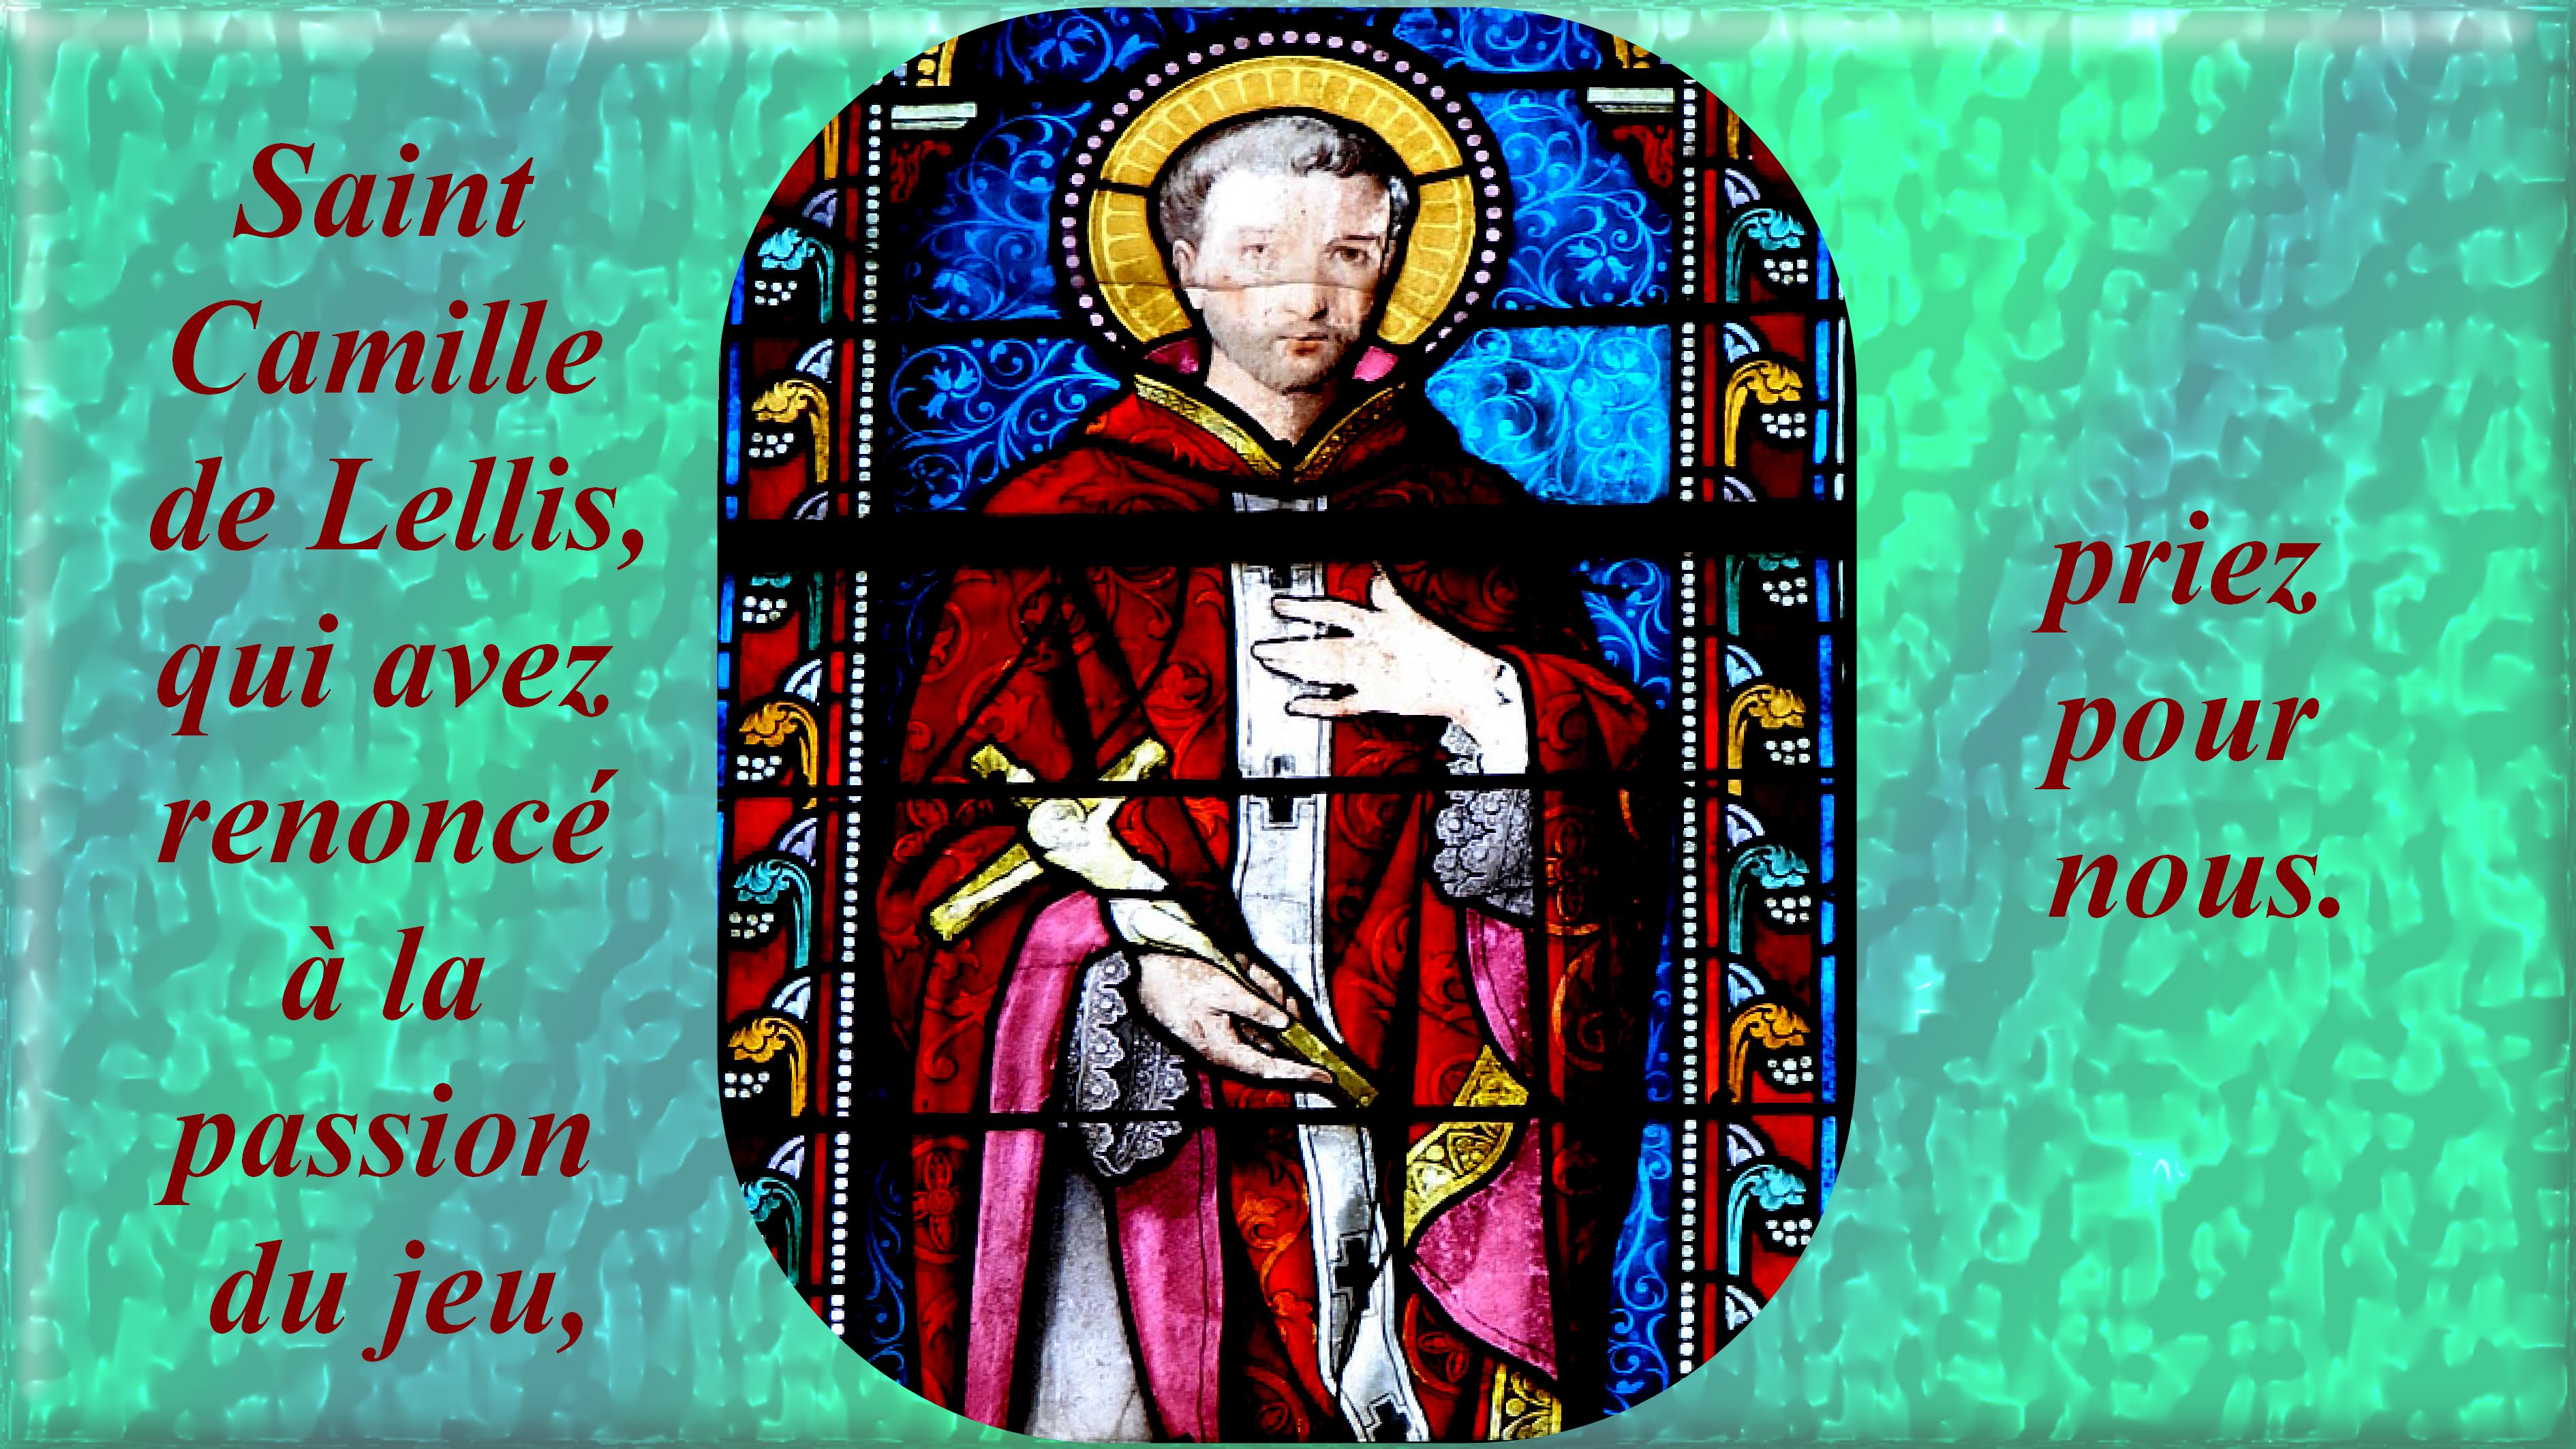 CALENDRIER CATHOLIQUE 2020 (Cantiques, Prières & Images) - Page 20 St-camille-de-lellis-2--579047d